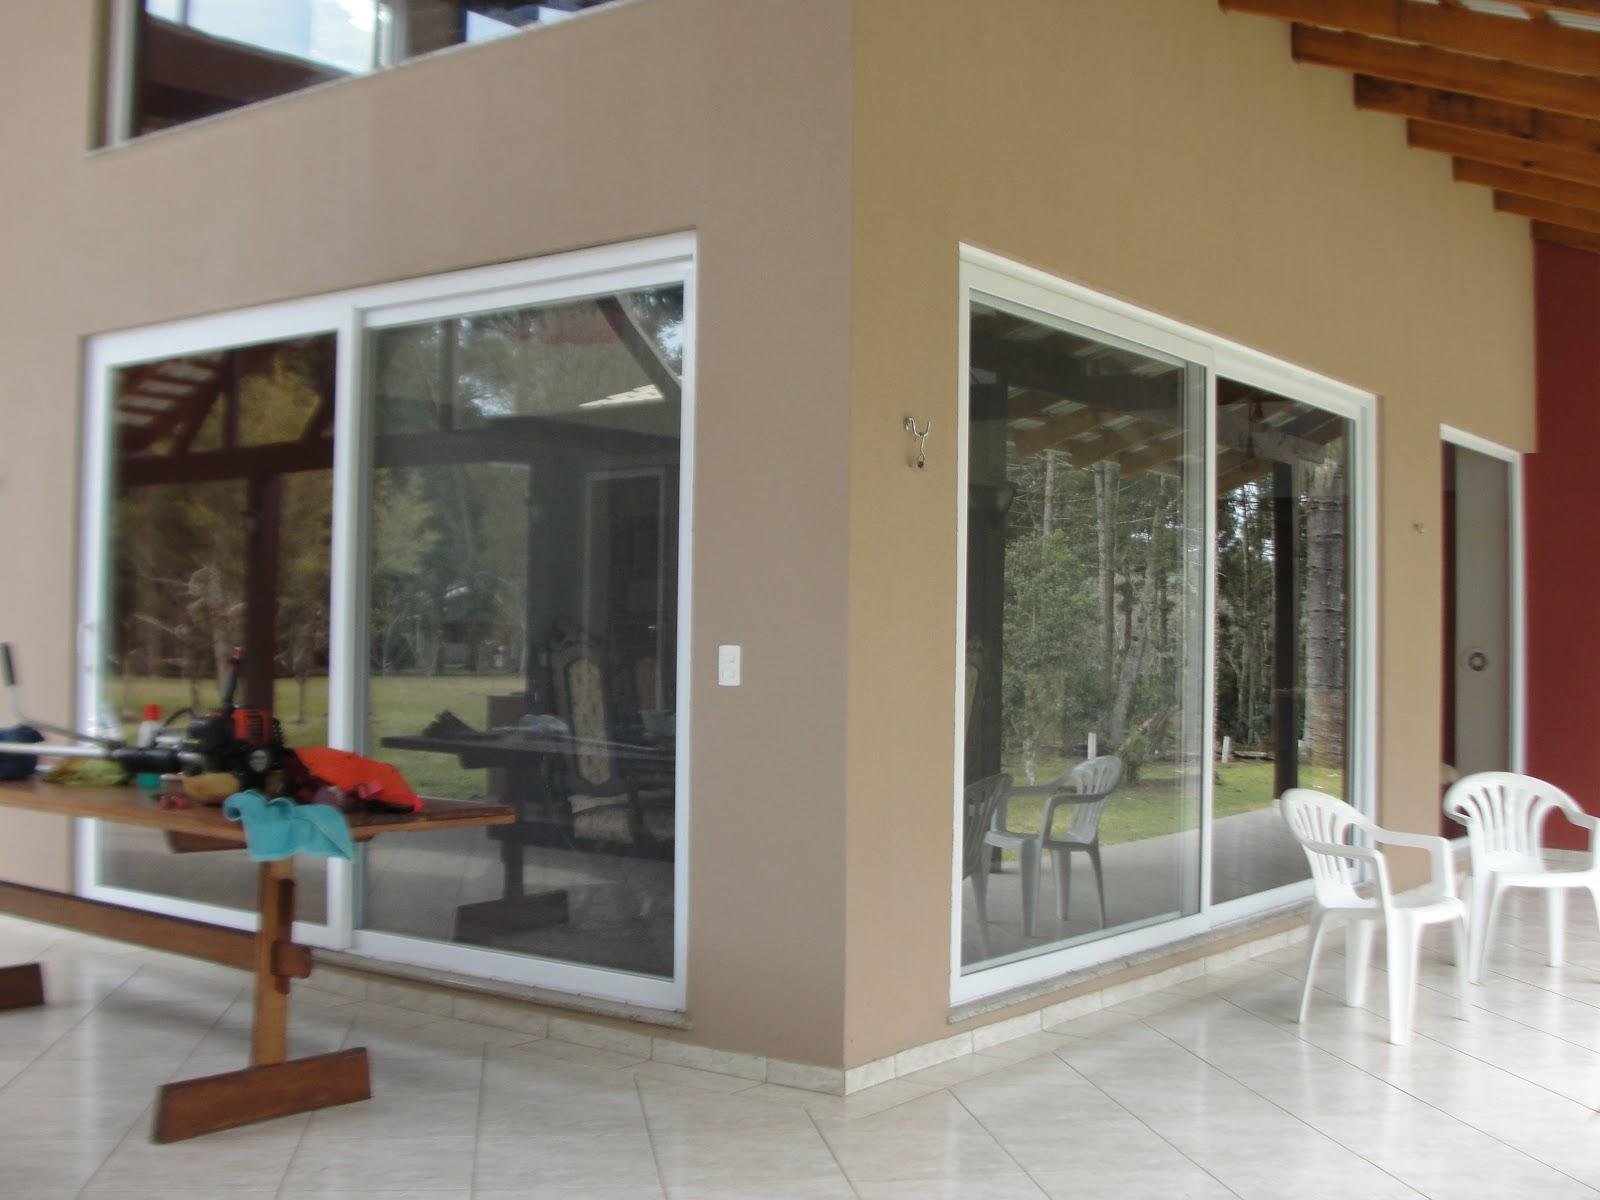 #653824 Janelas Tudo em esquadrias em PVC: Casa com portas e janelas em  582 Janelas Em Madeira E Vidro